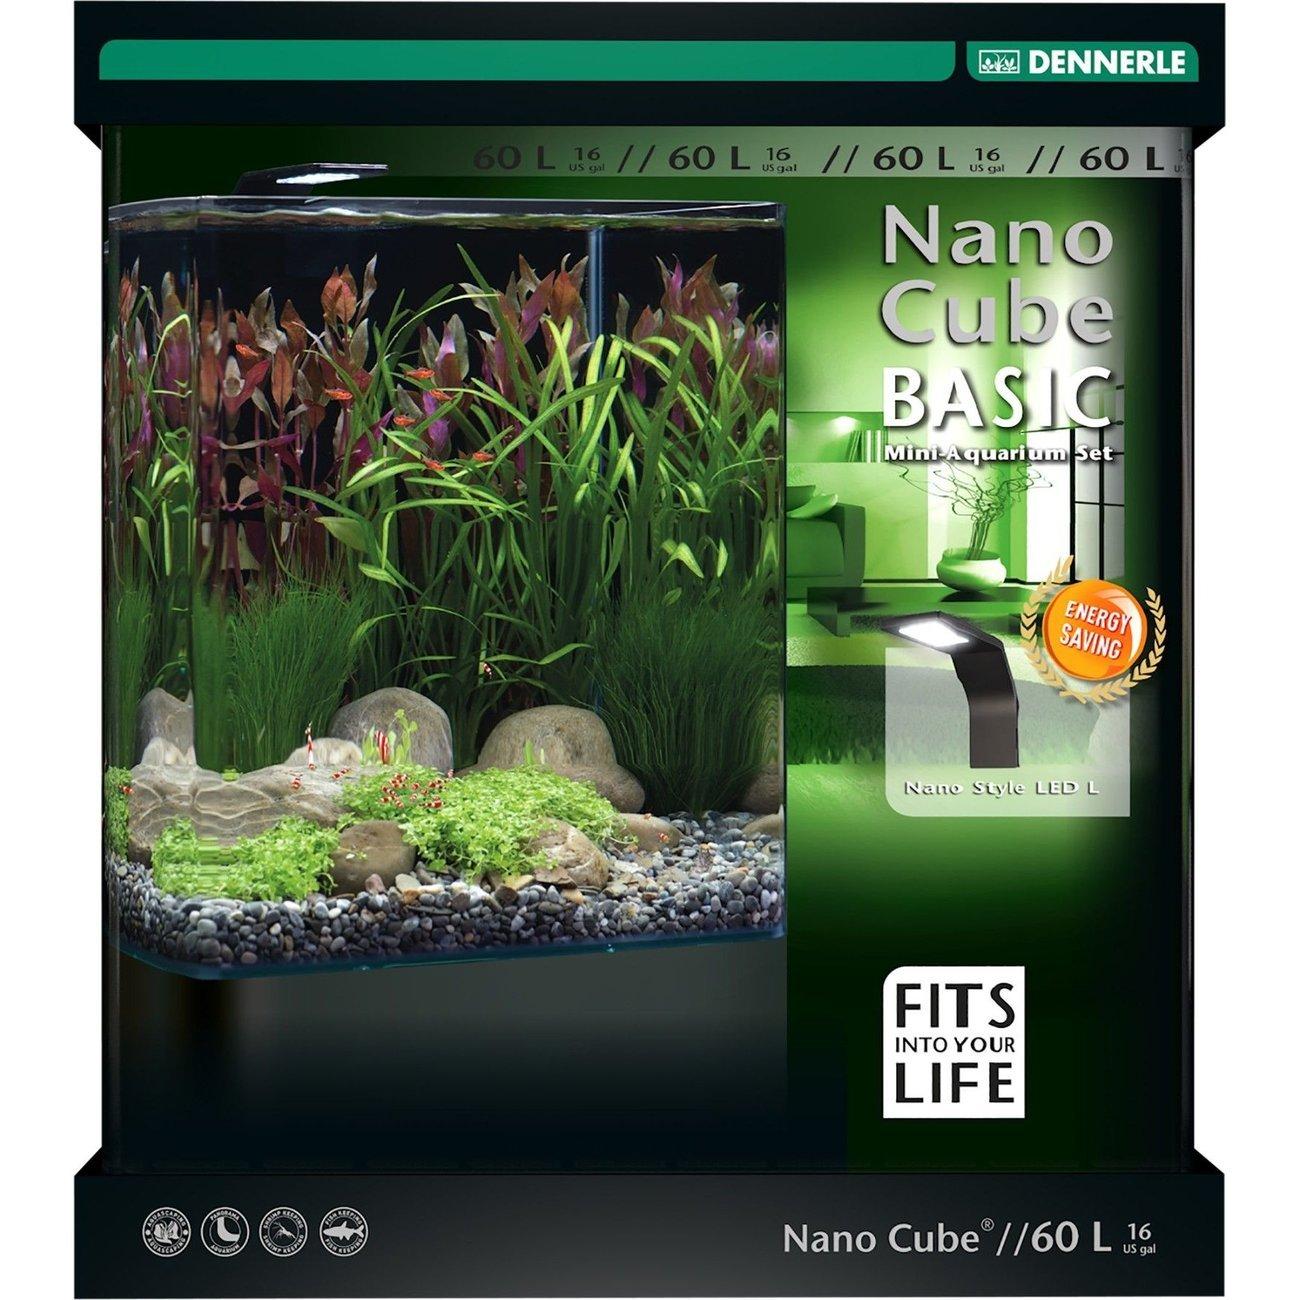 Dennerle NanoCube Basic Style LED Aquarium Bild 7